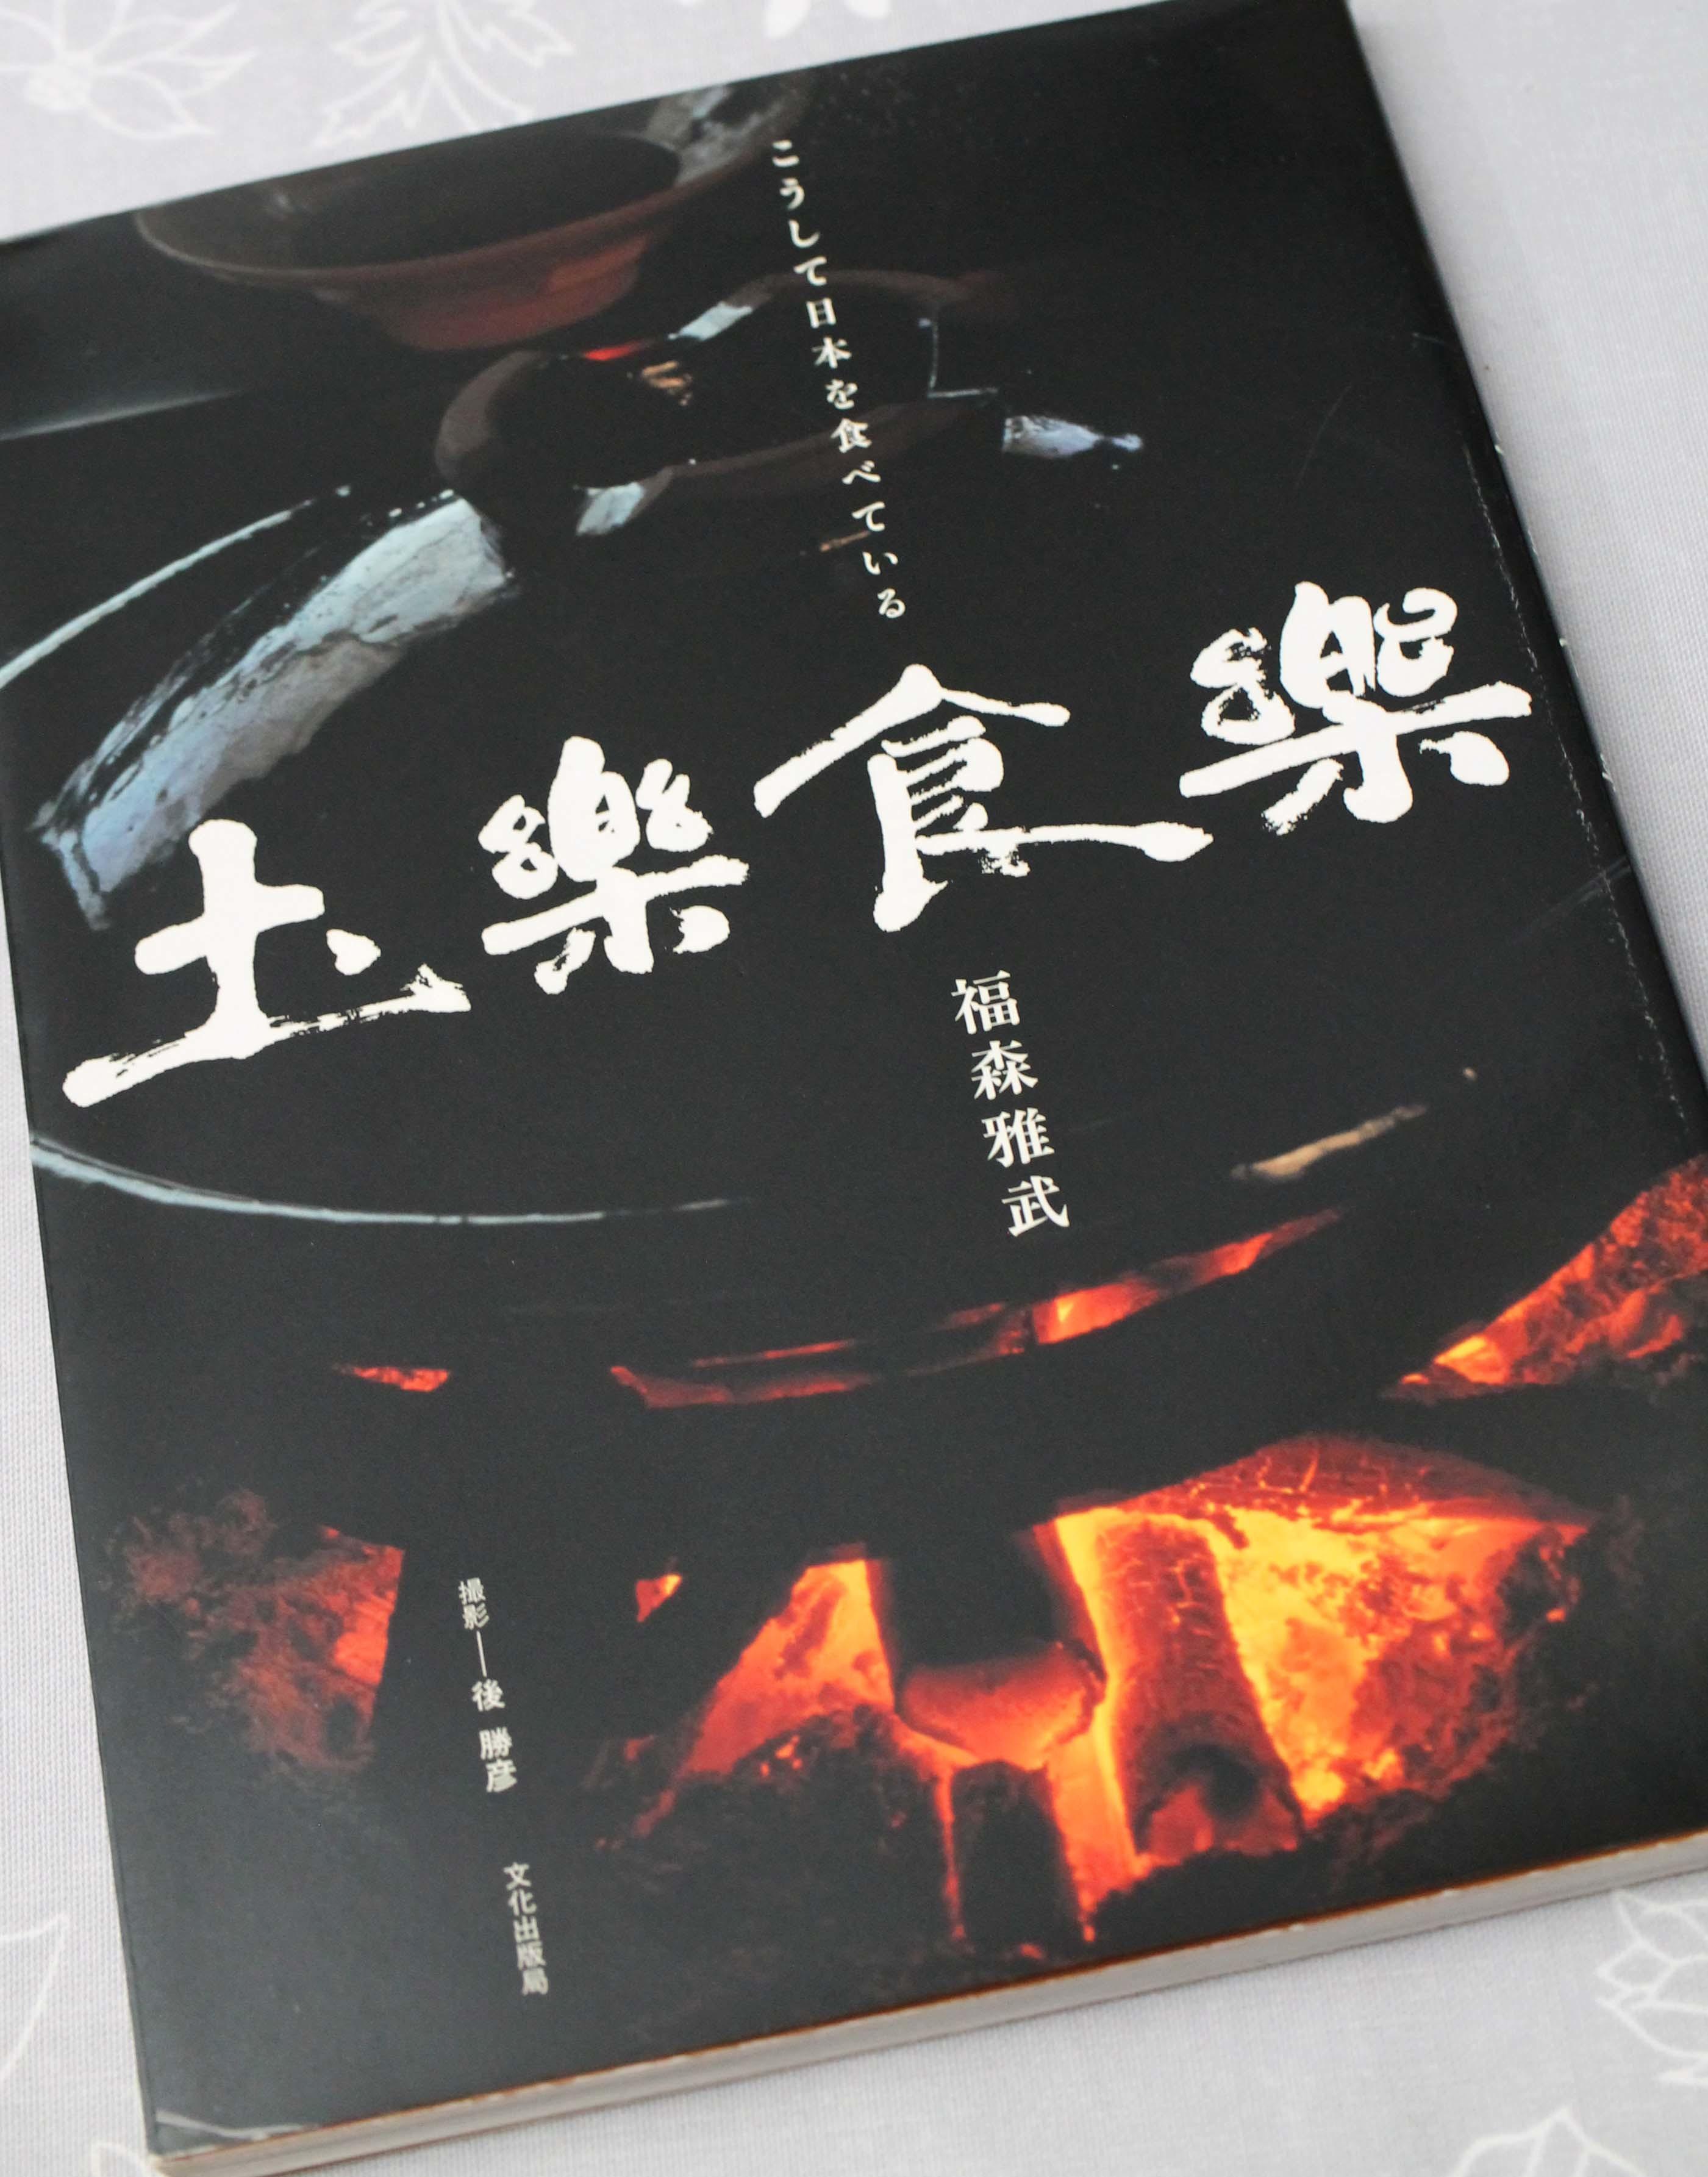 山菜すき焼き・・・土楽の黒鍋_d0377645_22443416.jpg